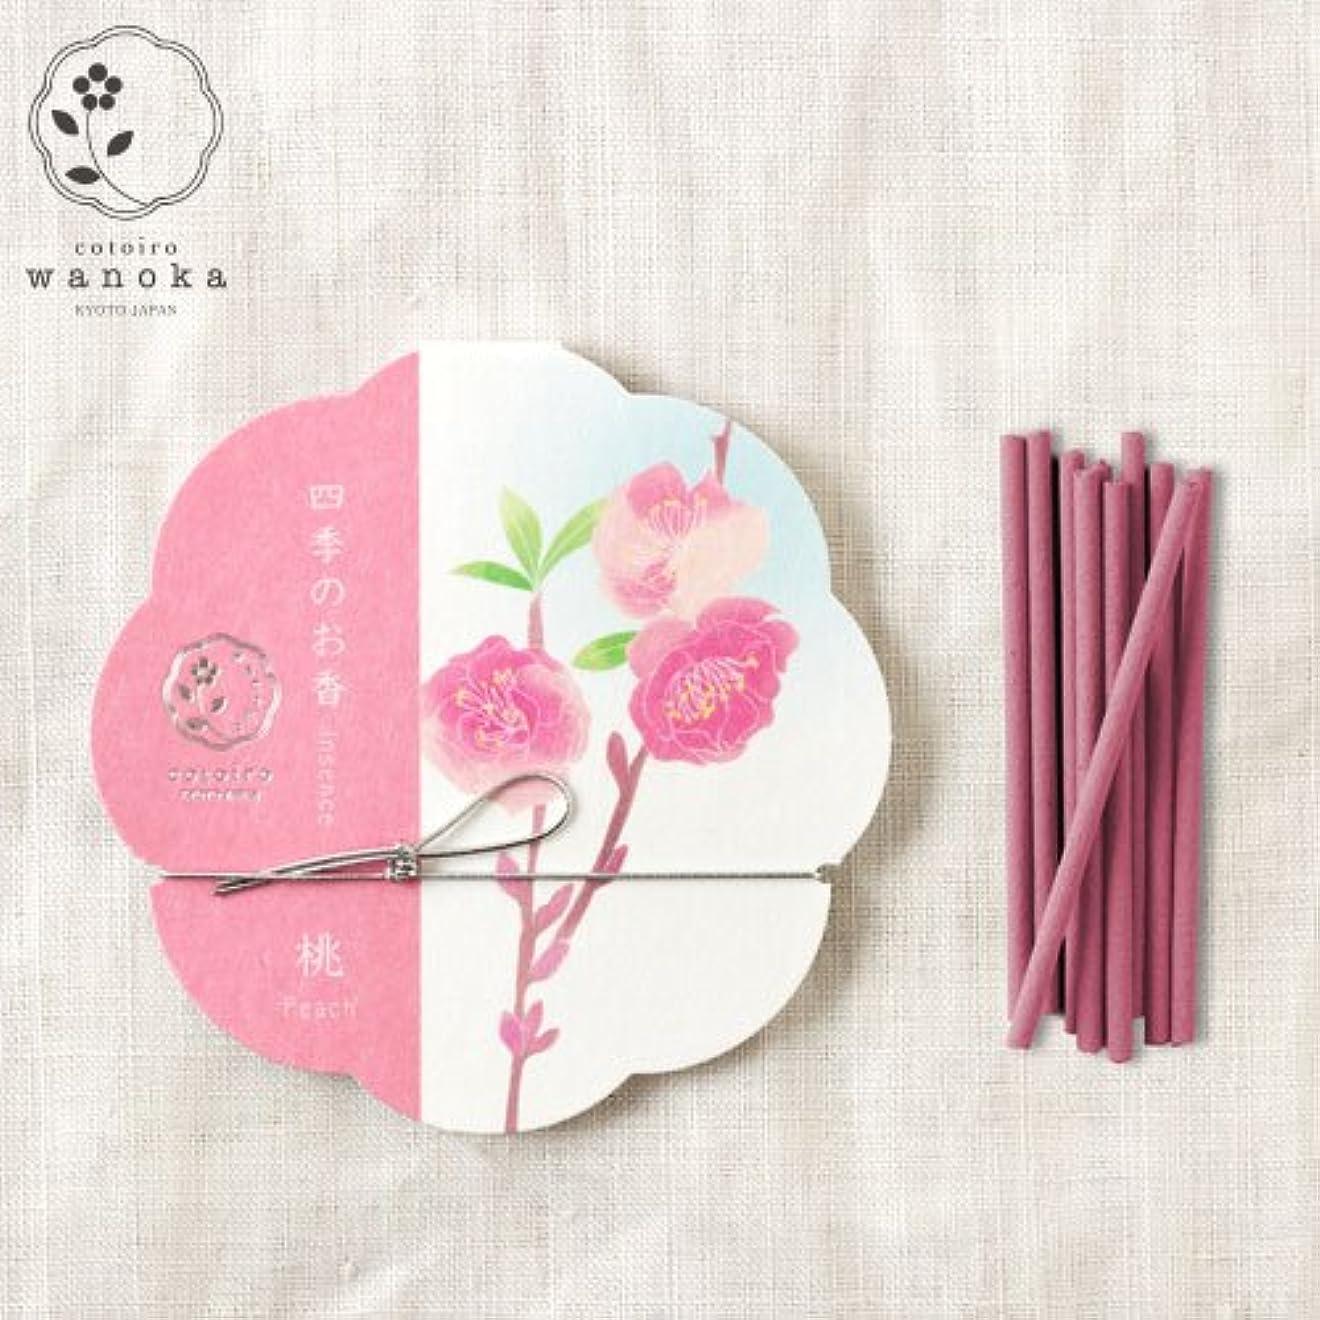 ベスビオ山はちみつアセンブリwanoka四季のお香(インセンス)桃《桃のお花をイメージした甘い香り》ART LABIncense stick